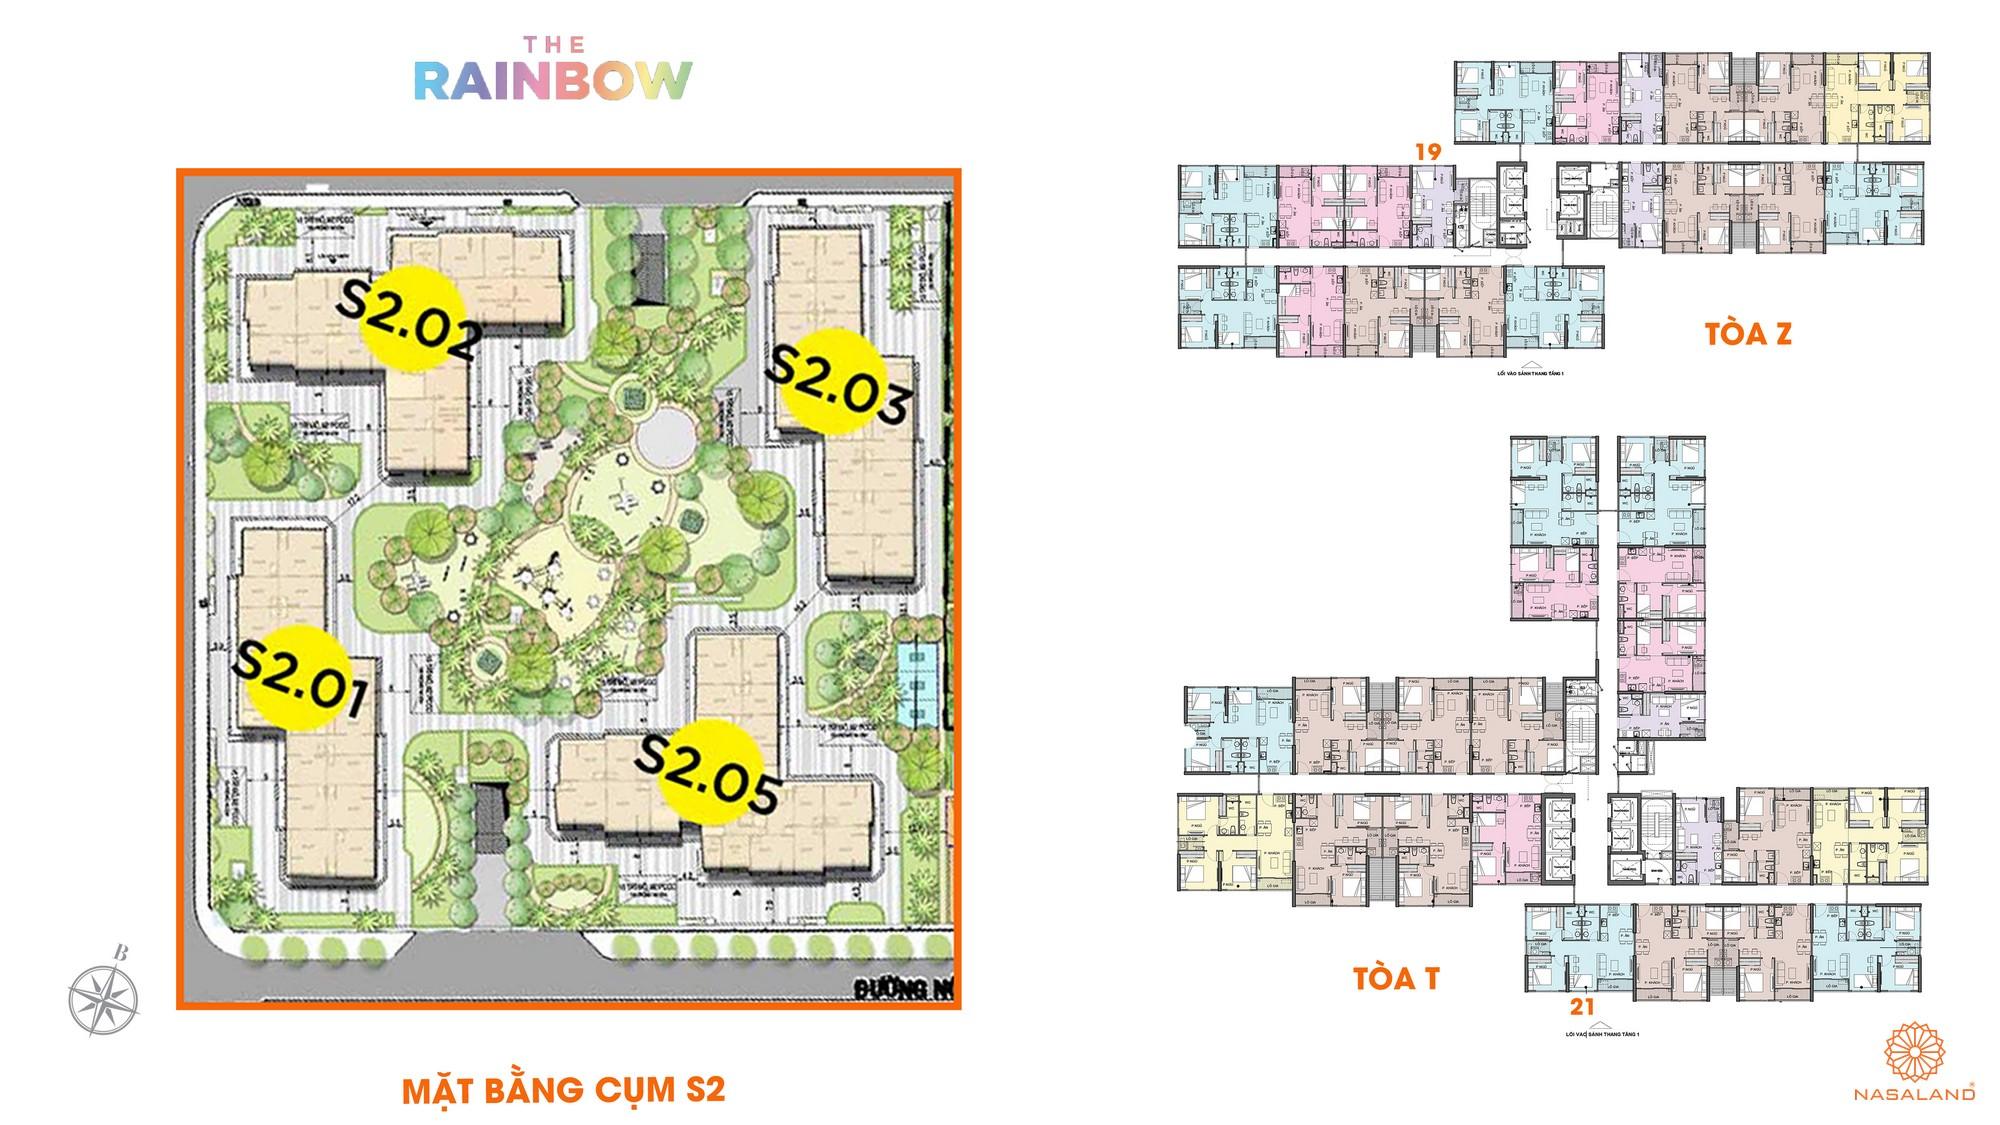 Mặt bằng cụm S2 dự án căn hộ chung cư The Rainbow Vinhomes Grand Park Quận 9